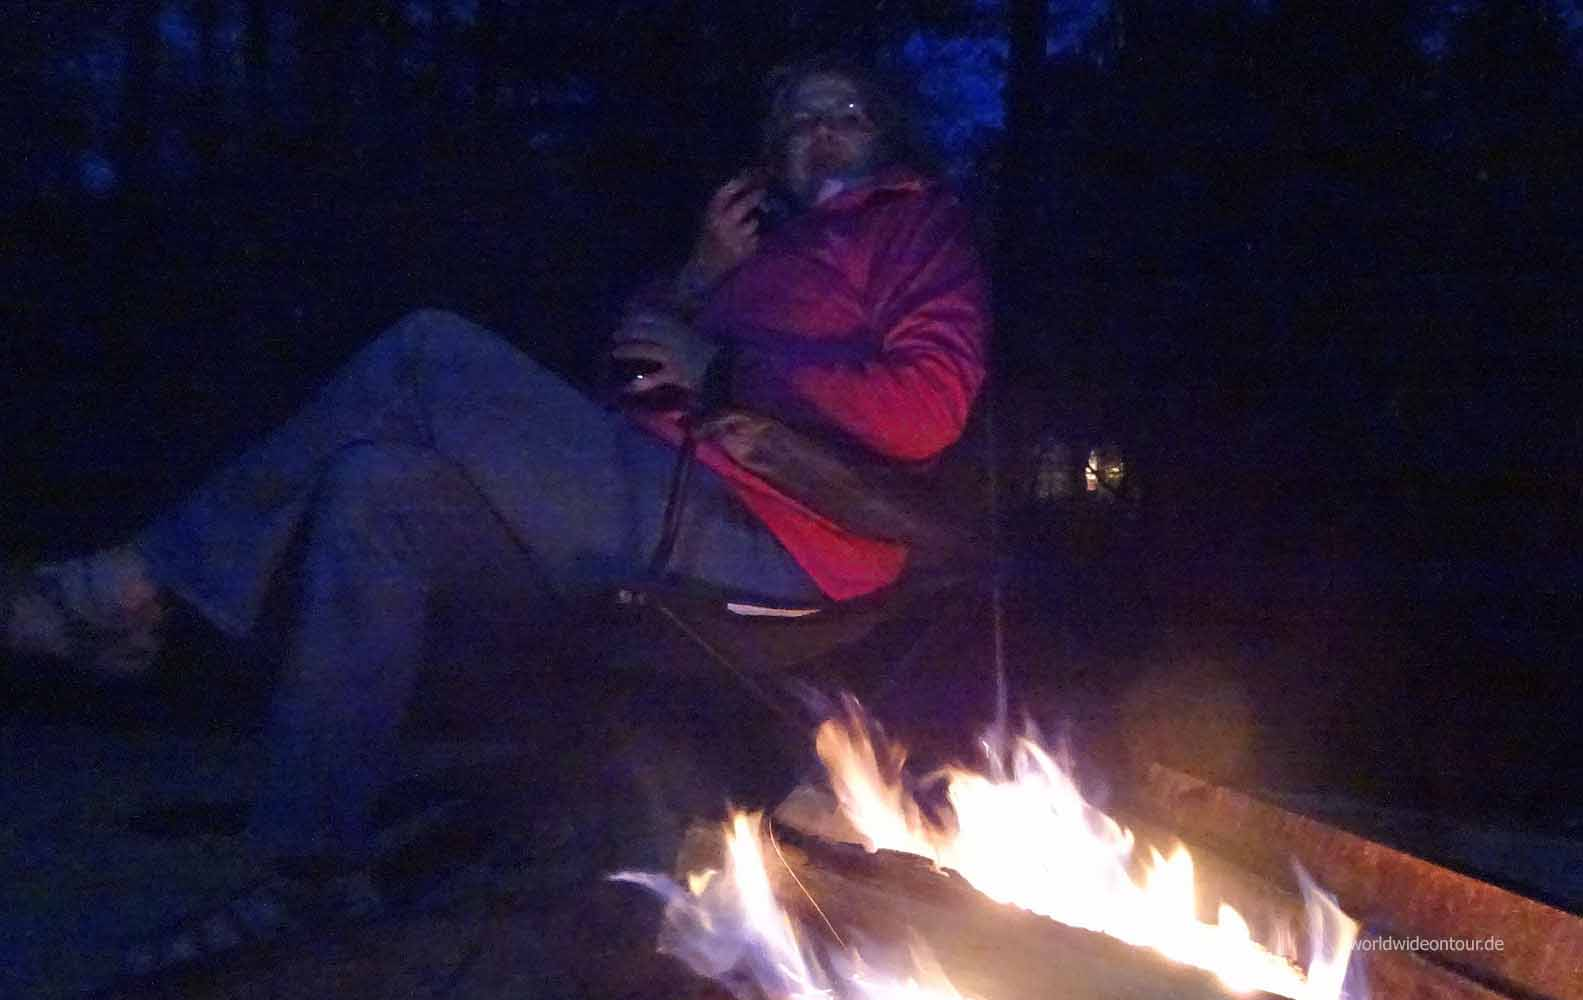 Sab am Feuer nachts whe